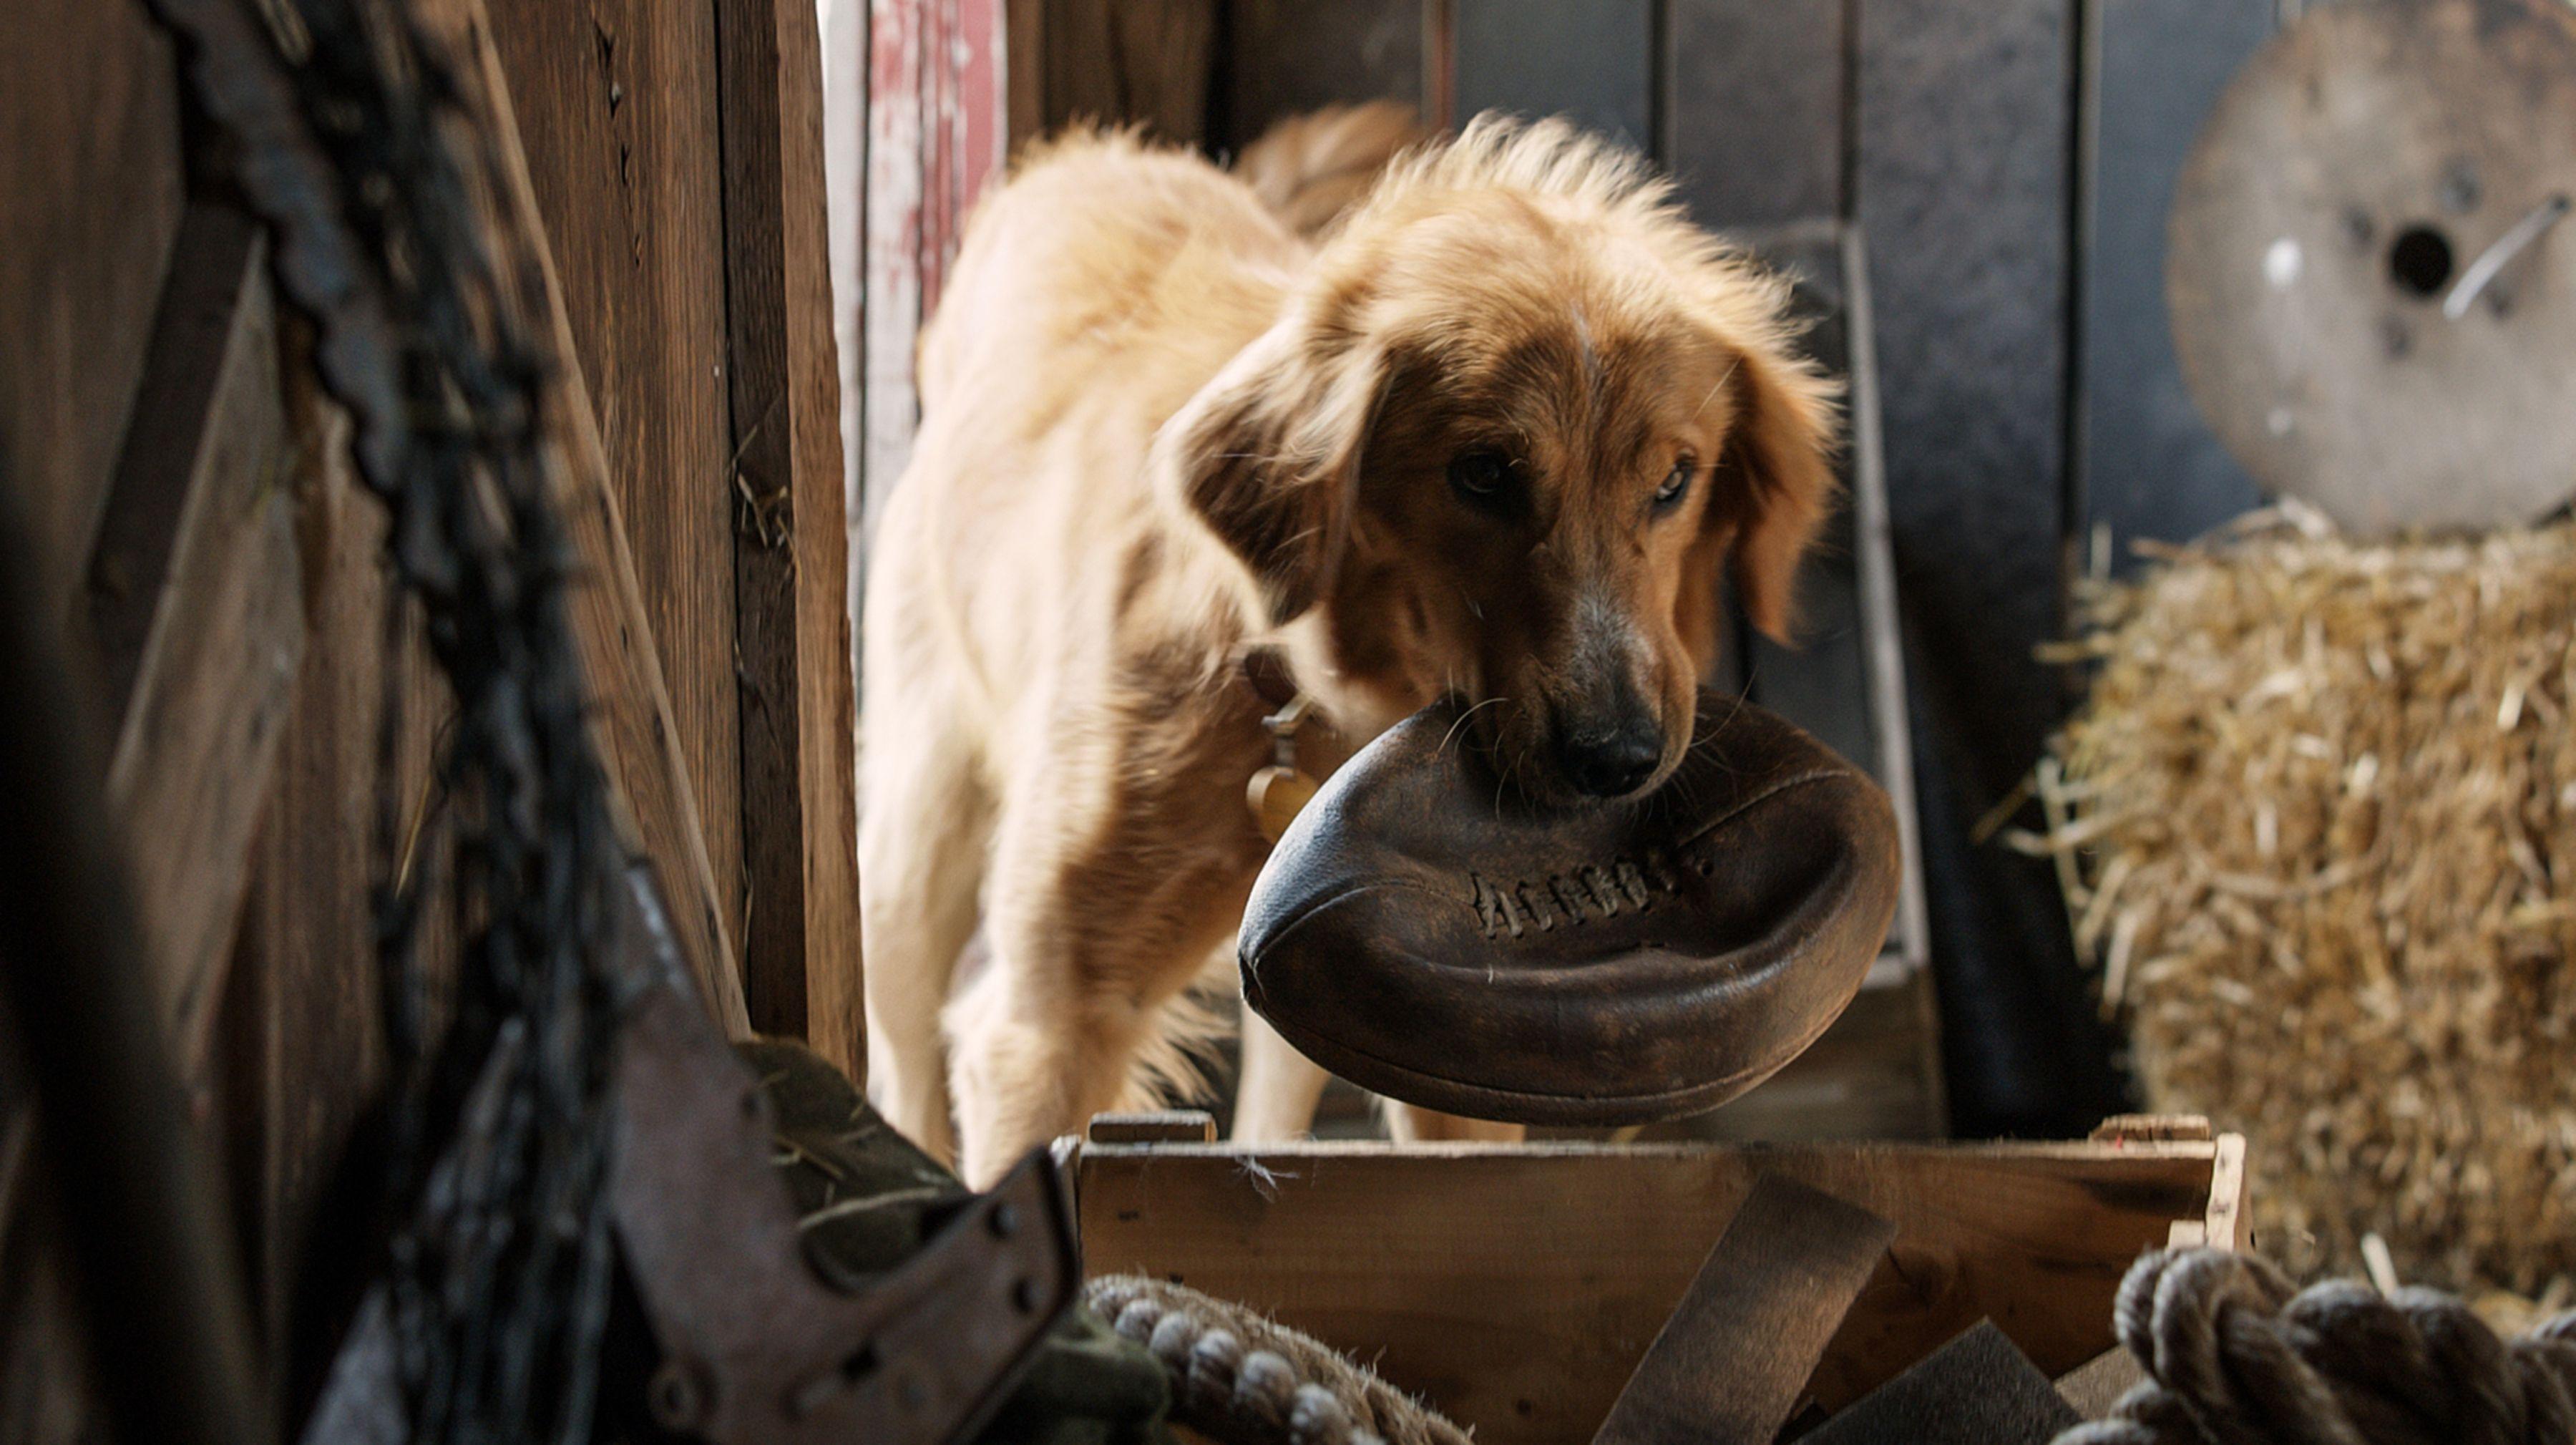 Výsledok vyhľadávania obrázkov pre dopyt a dog's purpose movie